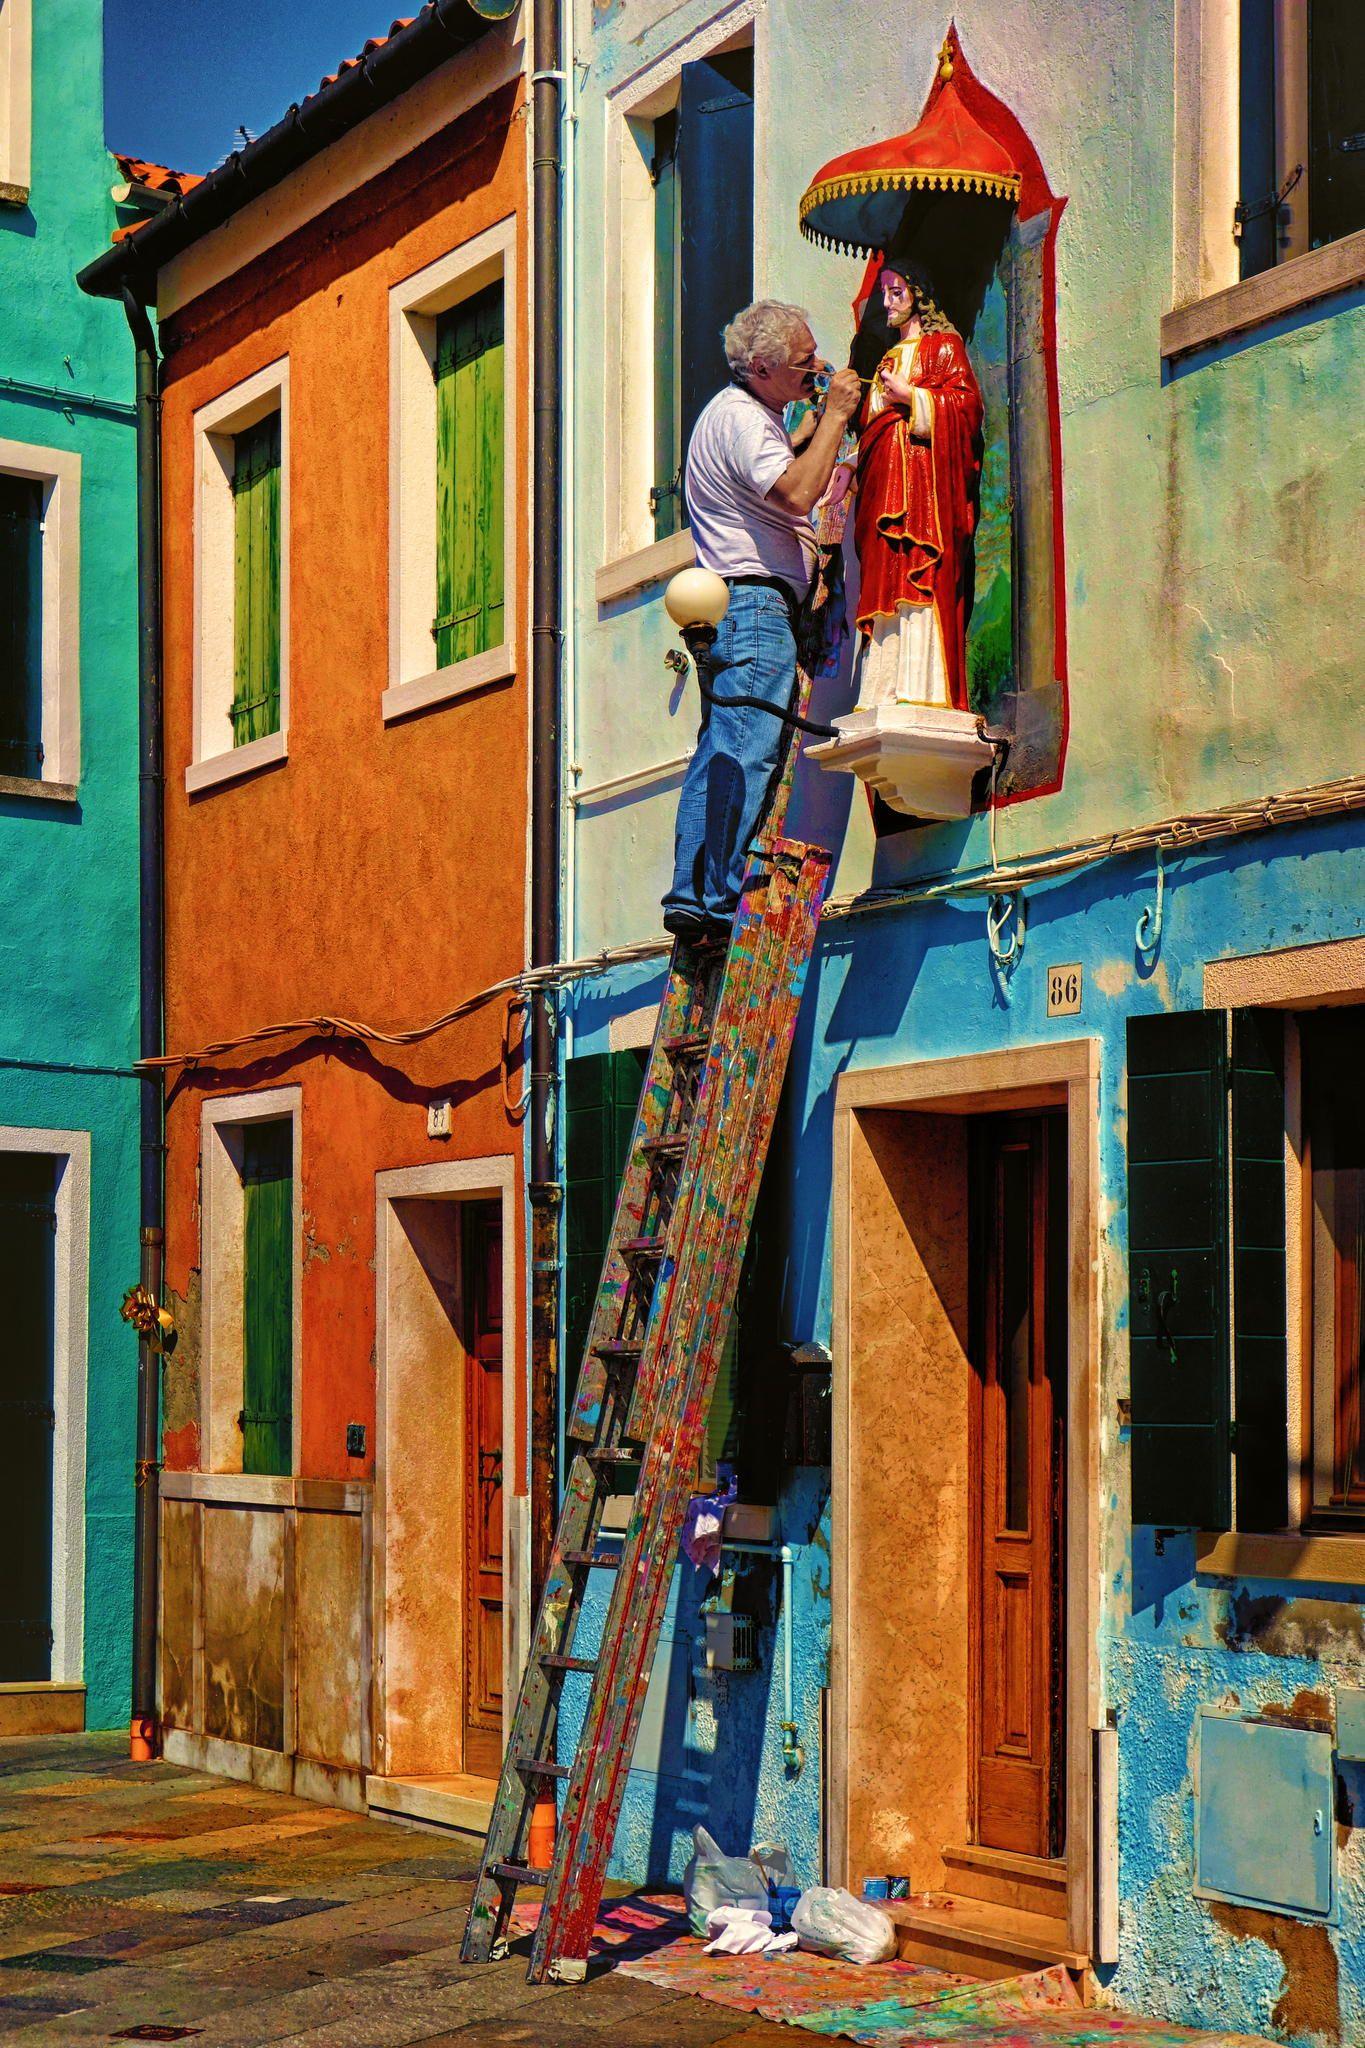 Artisan in Burano, Veneto, Italy